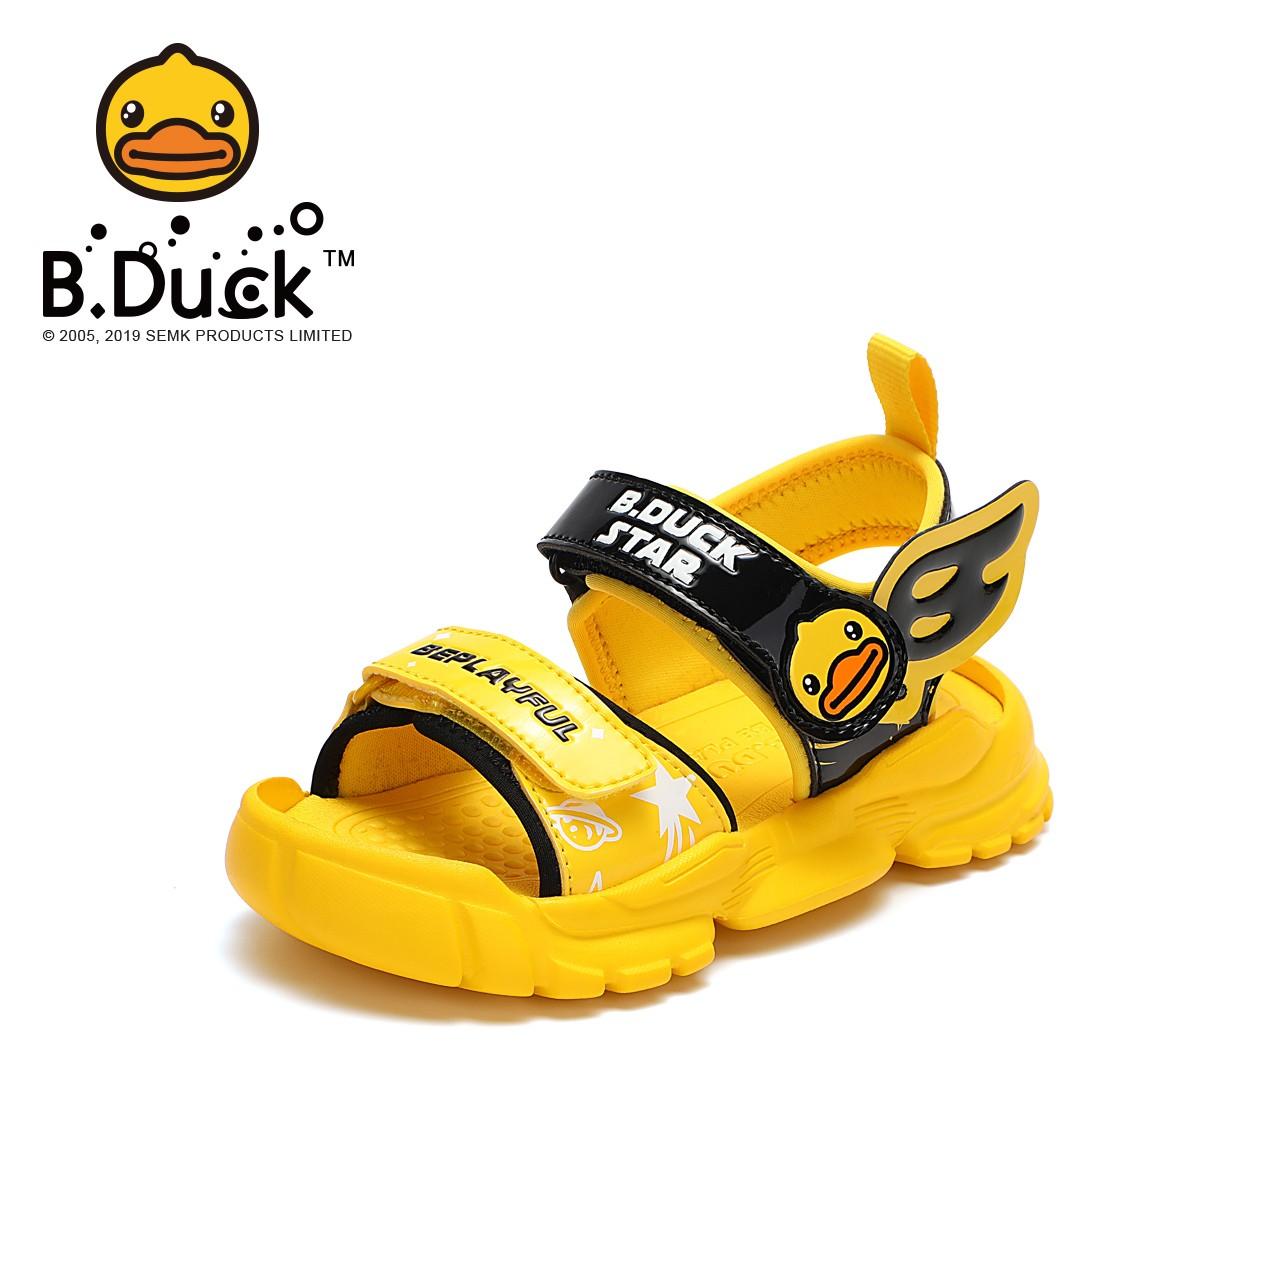 B.Duck 小黄鸭 儿童凉鞋